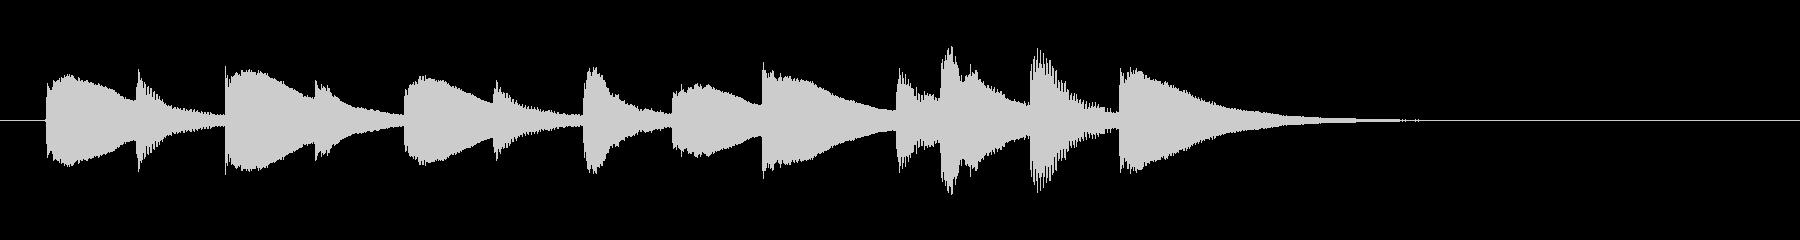 とぼけた雰囲気のサウンドロゴ、ジングルの未再生の波形